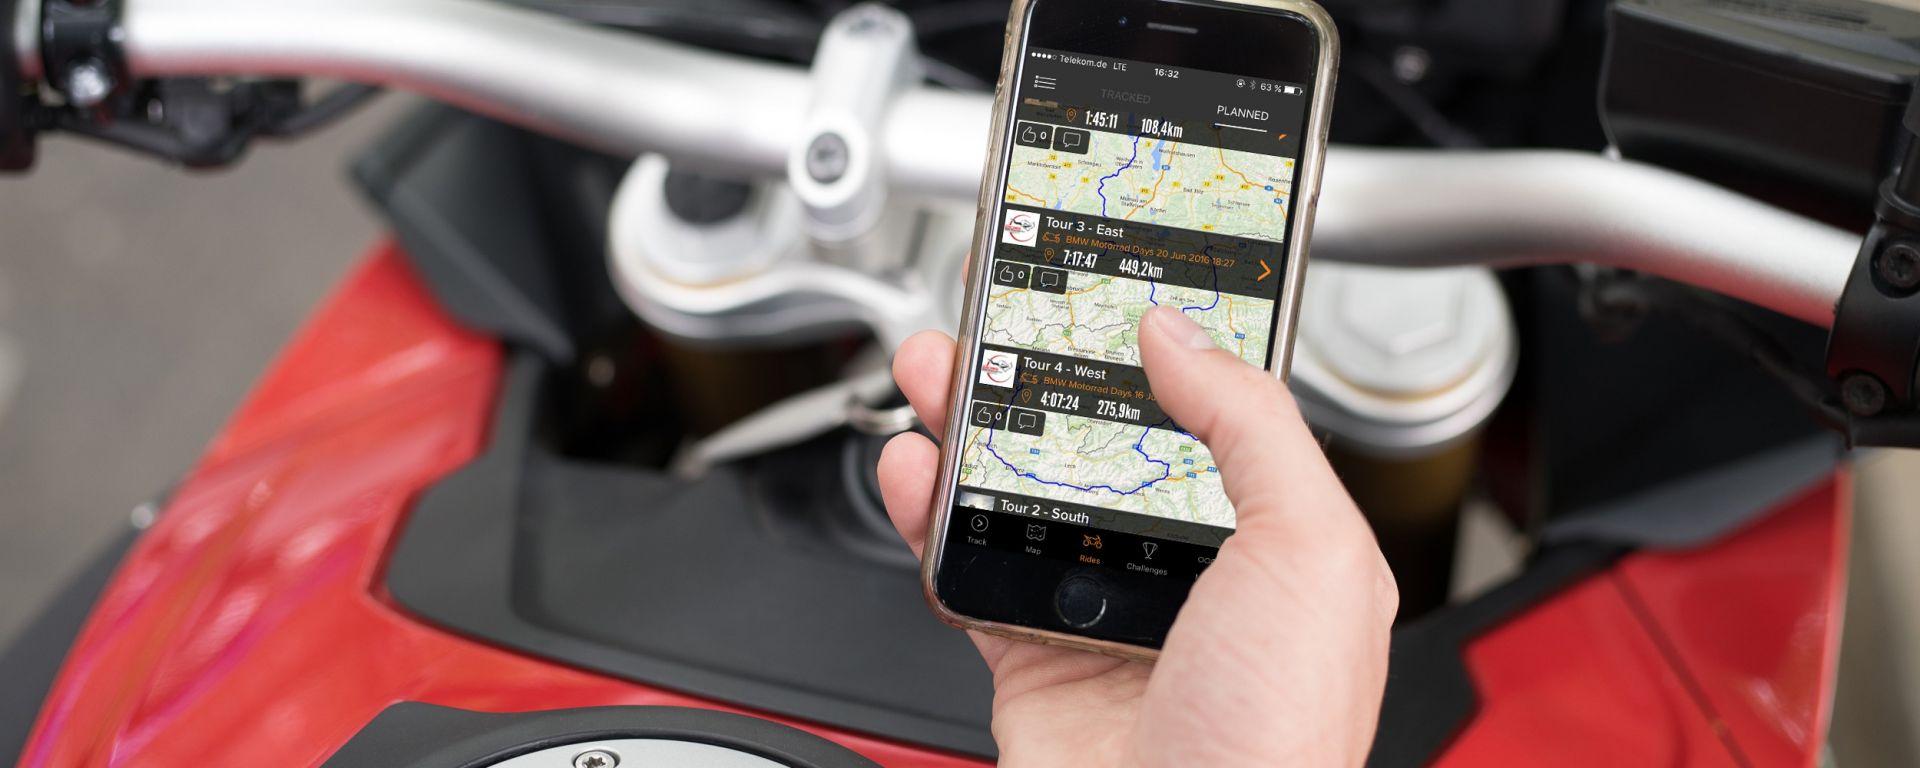 BMW Motorrad: accordo con Rever, app di itinerari per moto